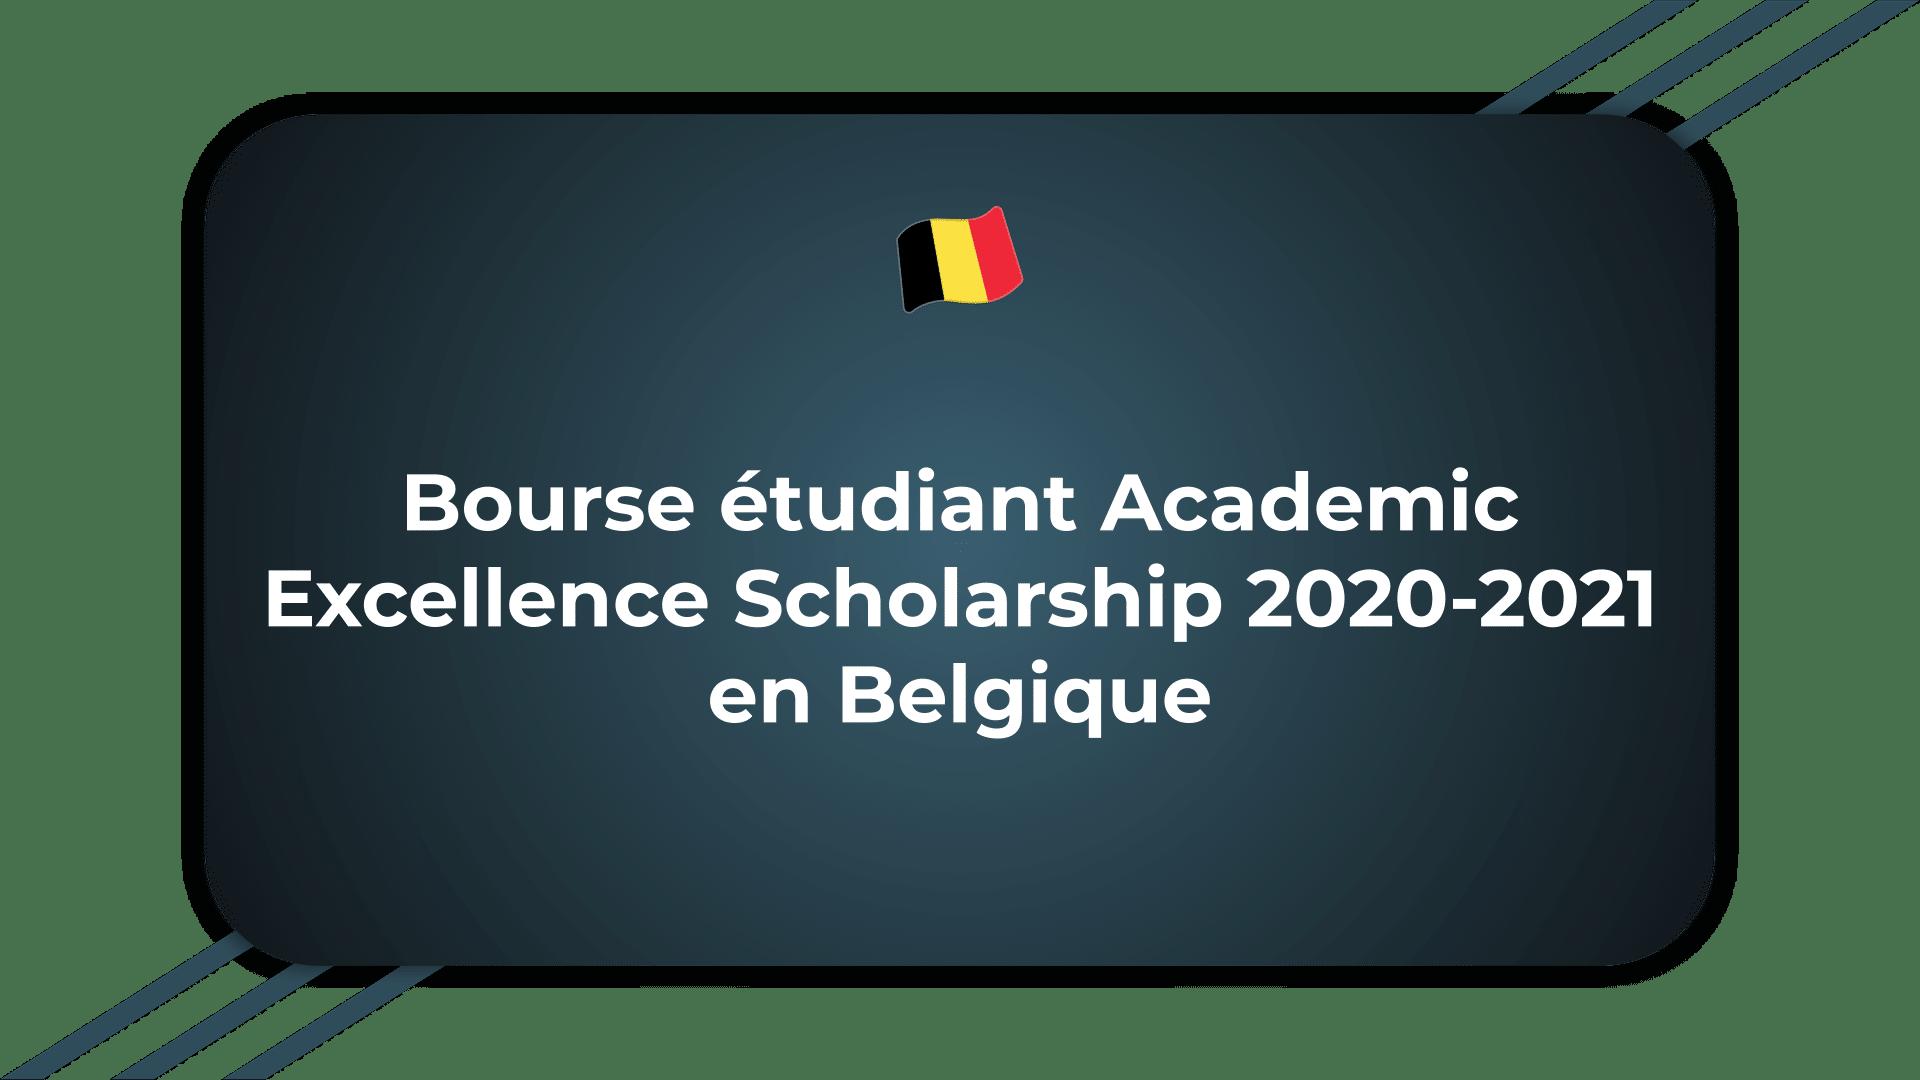 Bourse étudiant Academic Excellence Scholarship